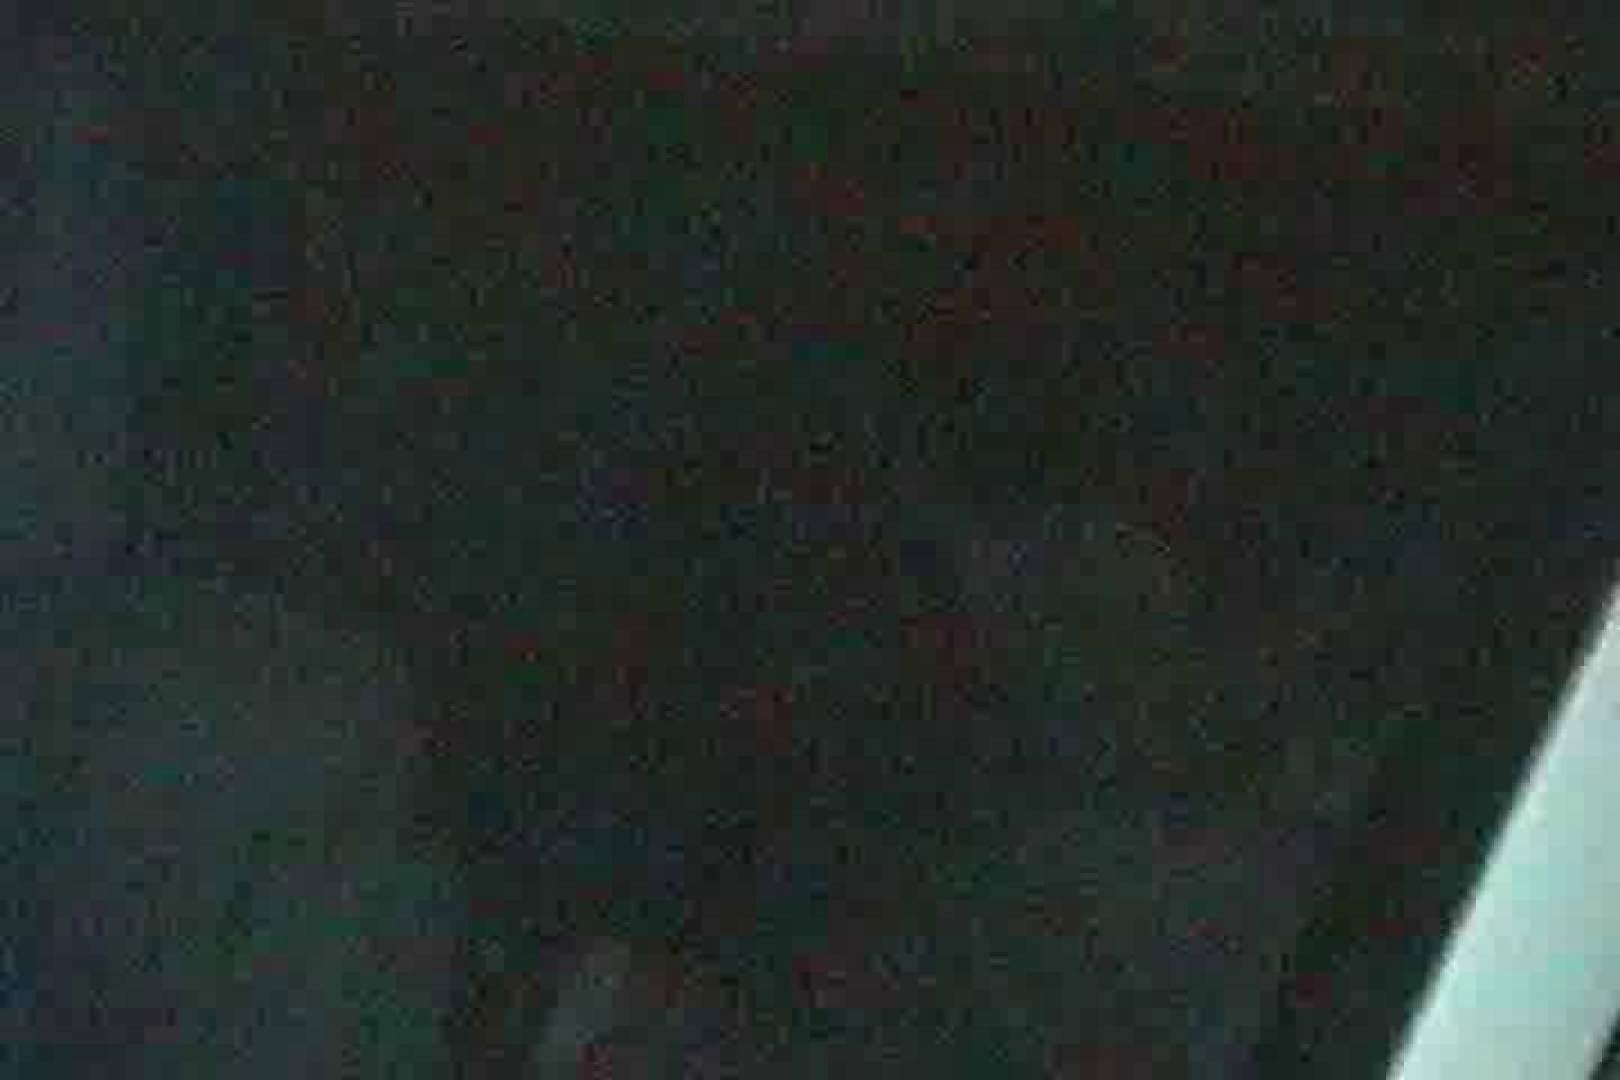 充血監督の深夜の運動会Vol.33 OLの実態 盗撮動画紹介 89pic 67